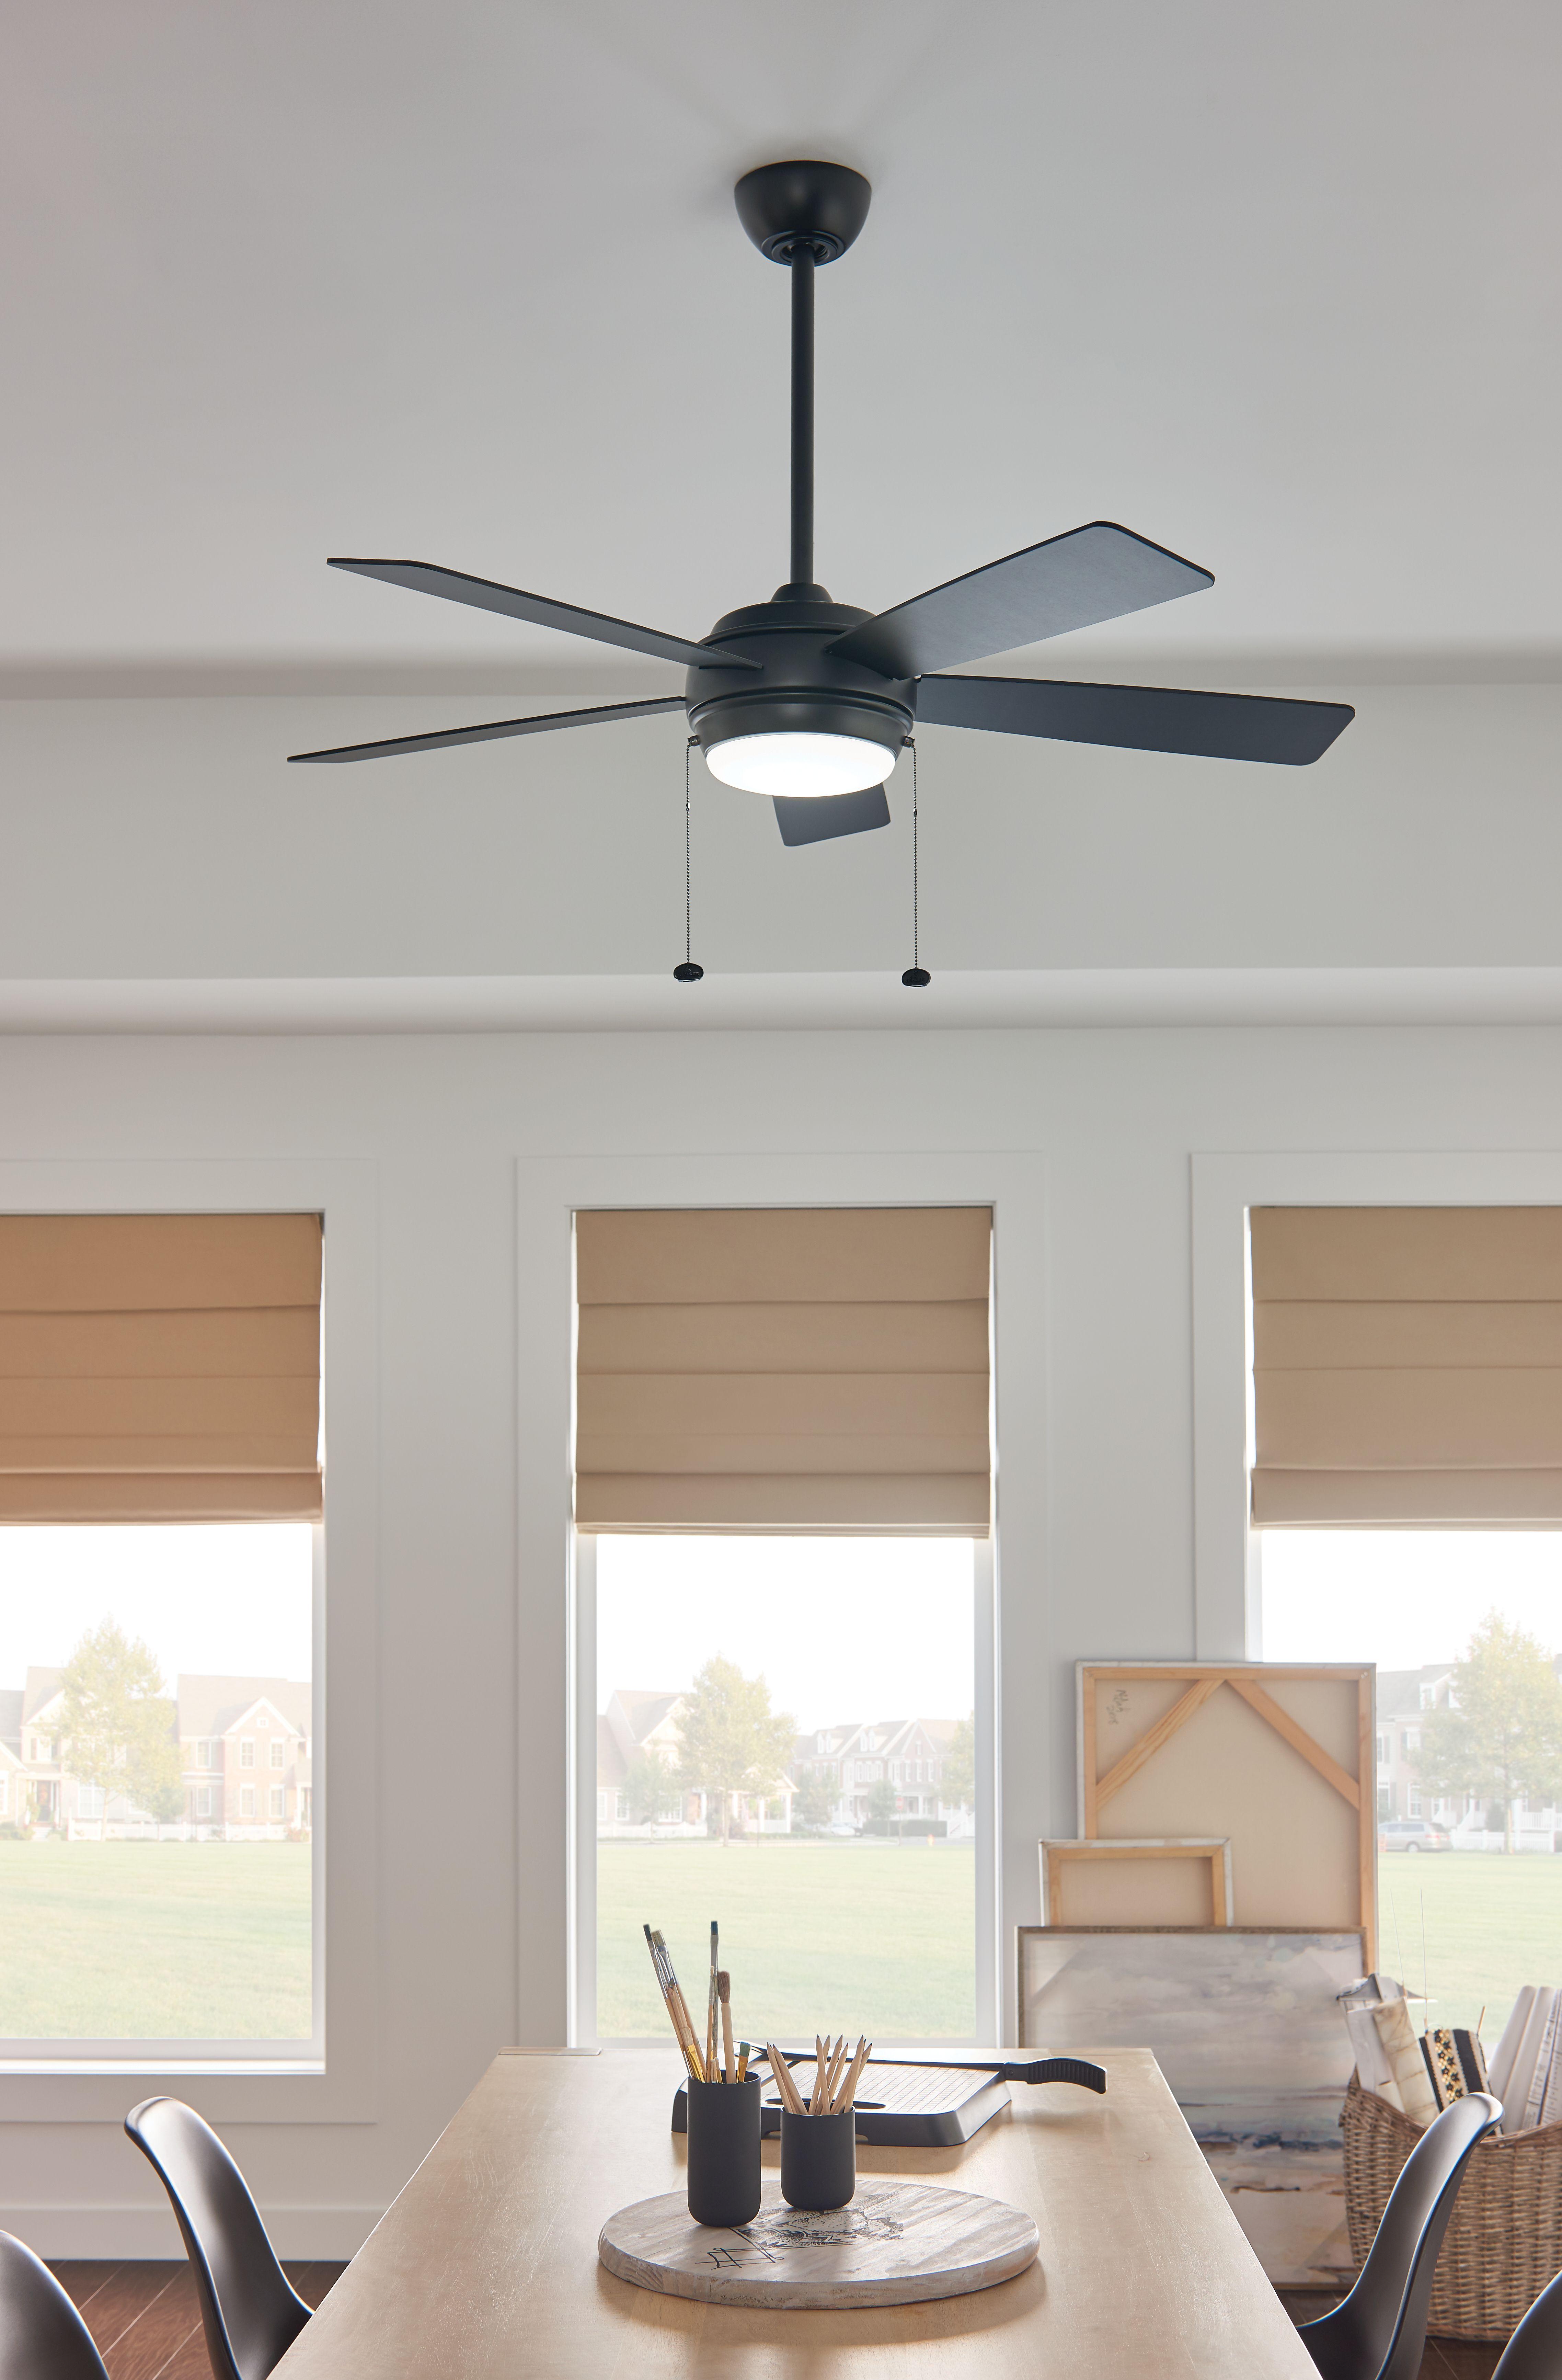 Matte Black Ceiling Fan Ceiling Fan Black Ceiling Fan Indoor